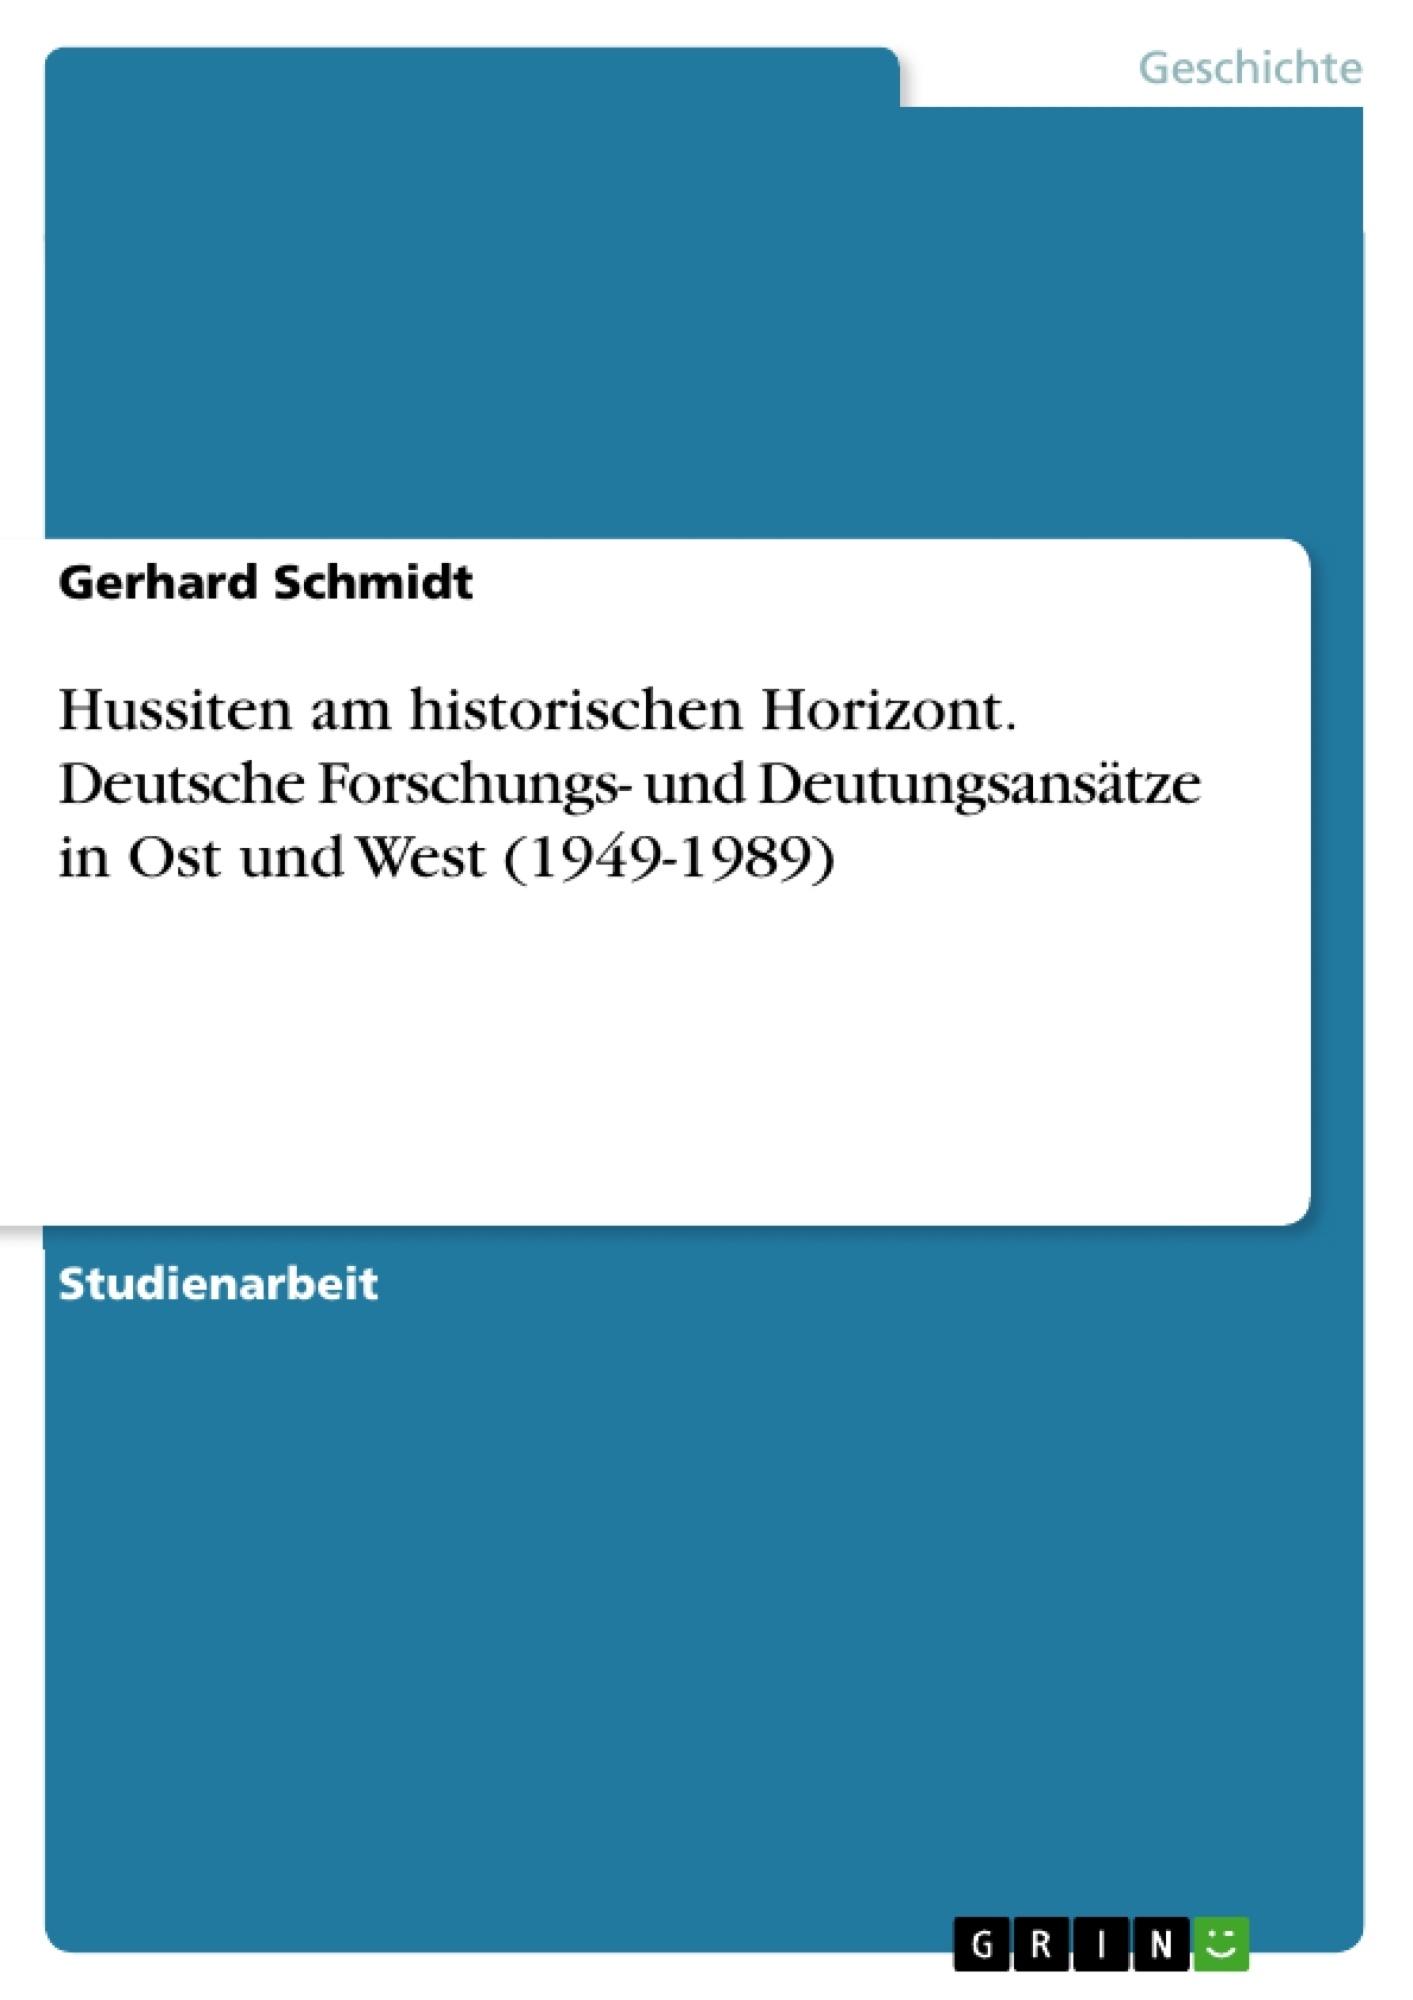 Titel: Hussiten am historischen Horizont. Deutsche Forschungs- und Deutungsansätze in Ost und West (1949-1989)